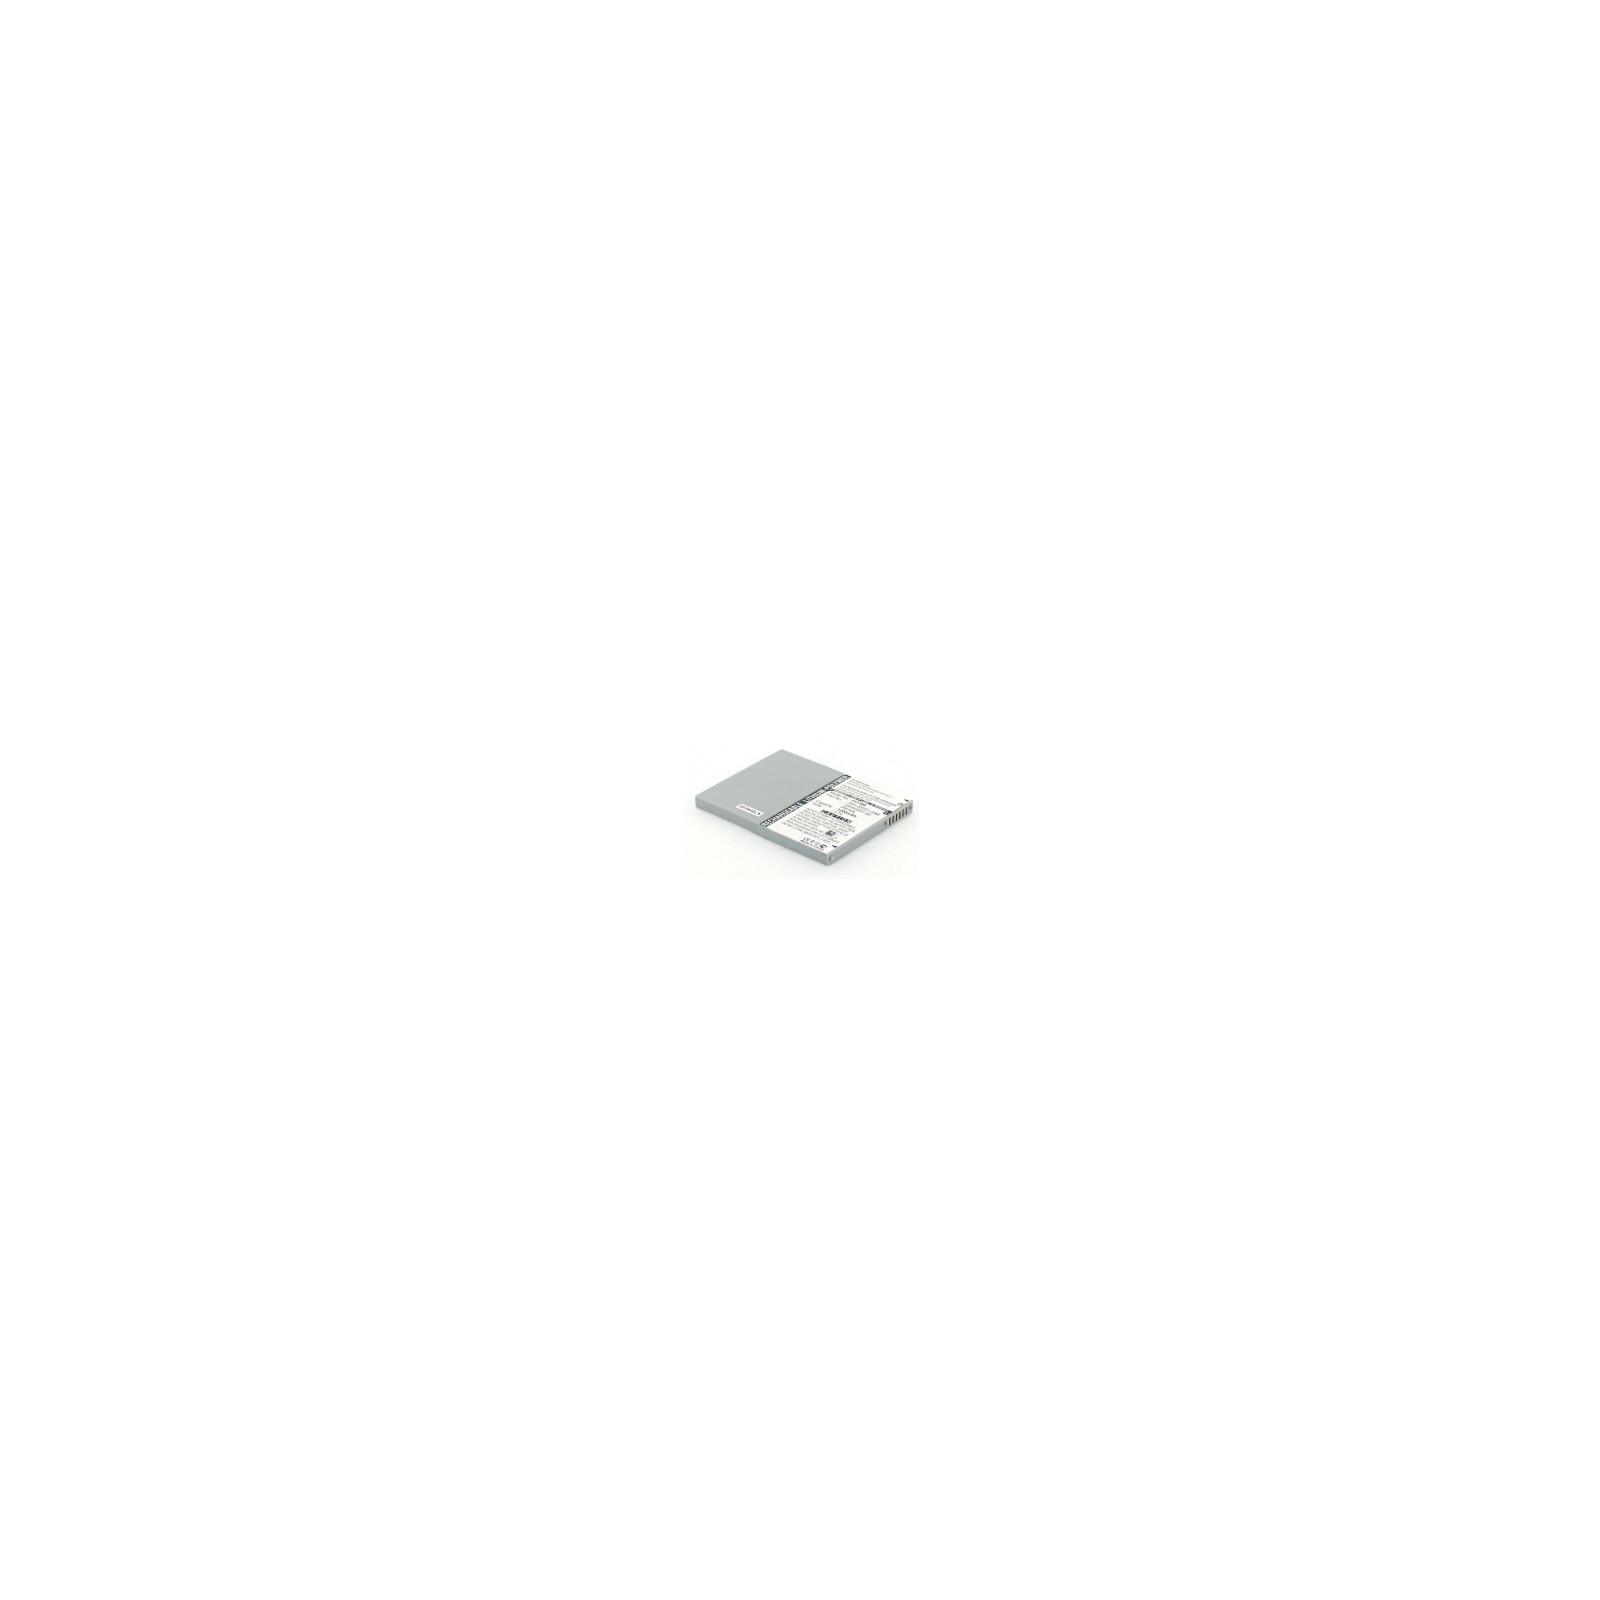 AGI Akku HP Ipaq HW 6500 1.200mAh